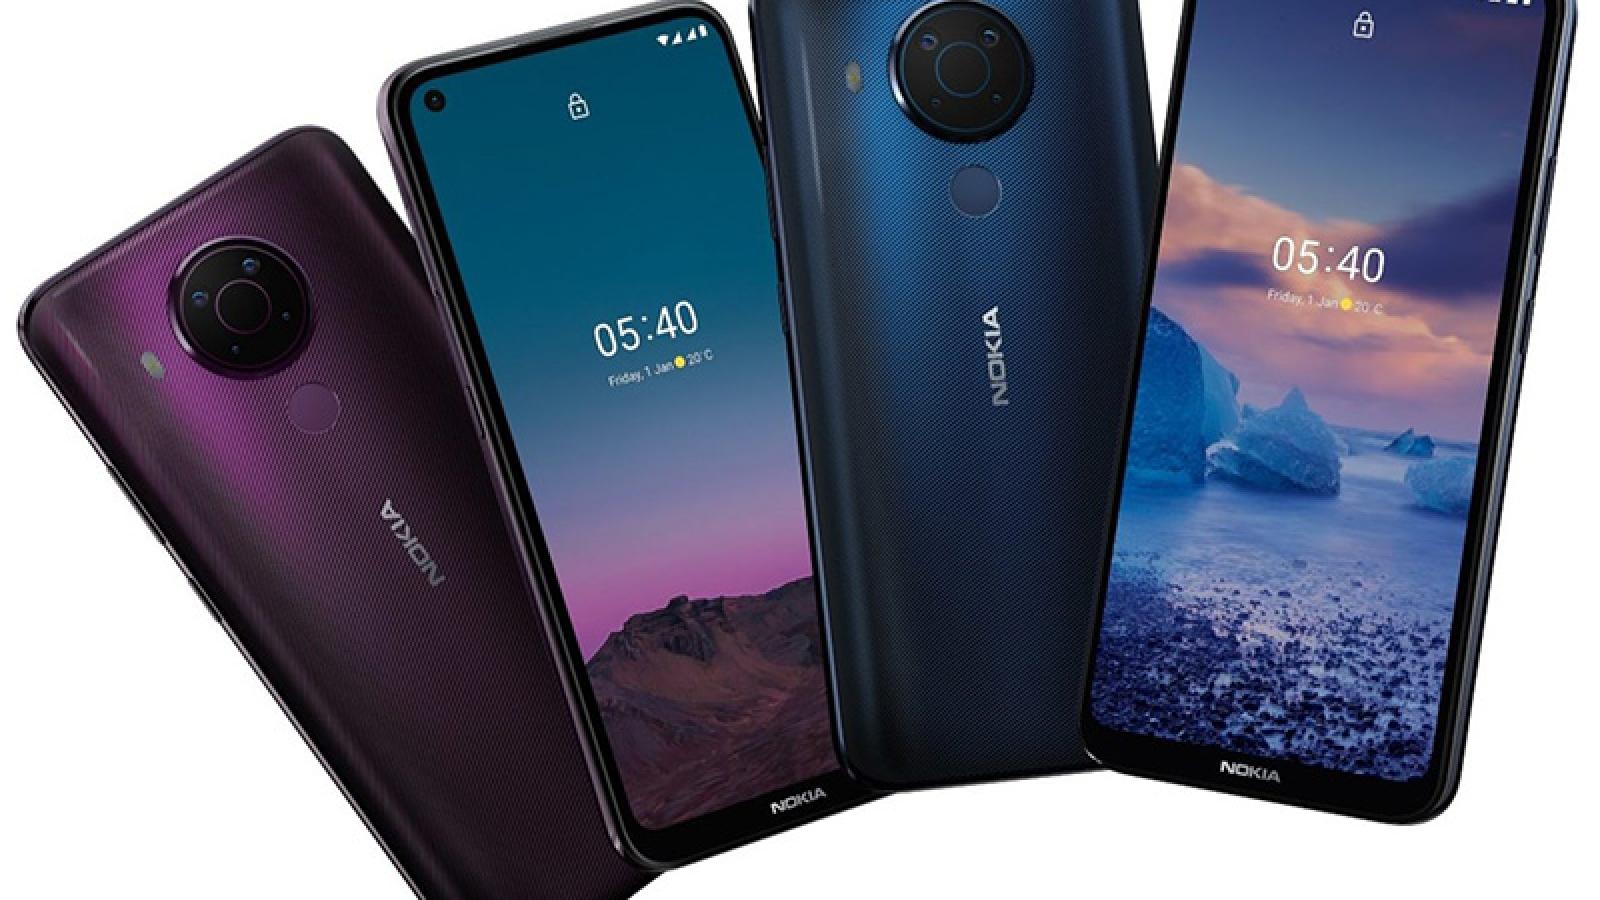 Nokia 5.4 ra mắt với chip Snapdragon 662, giá chỉ 230 USD